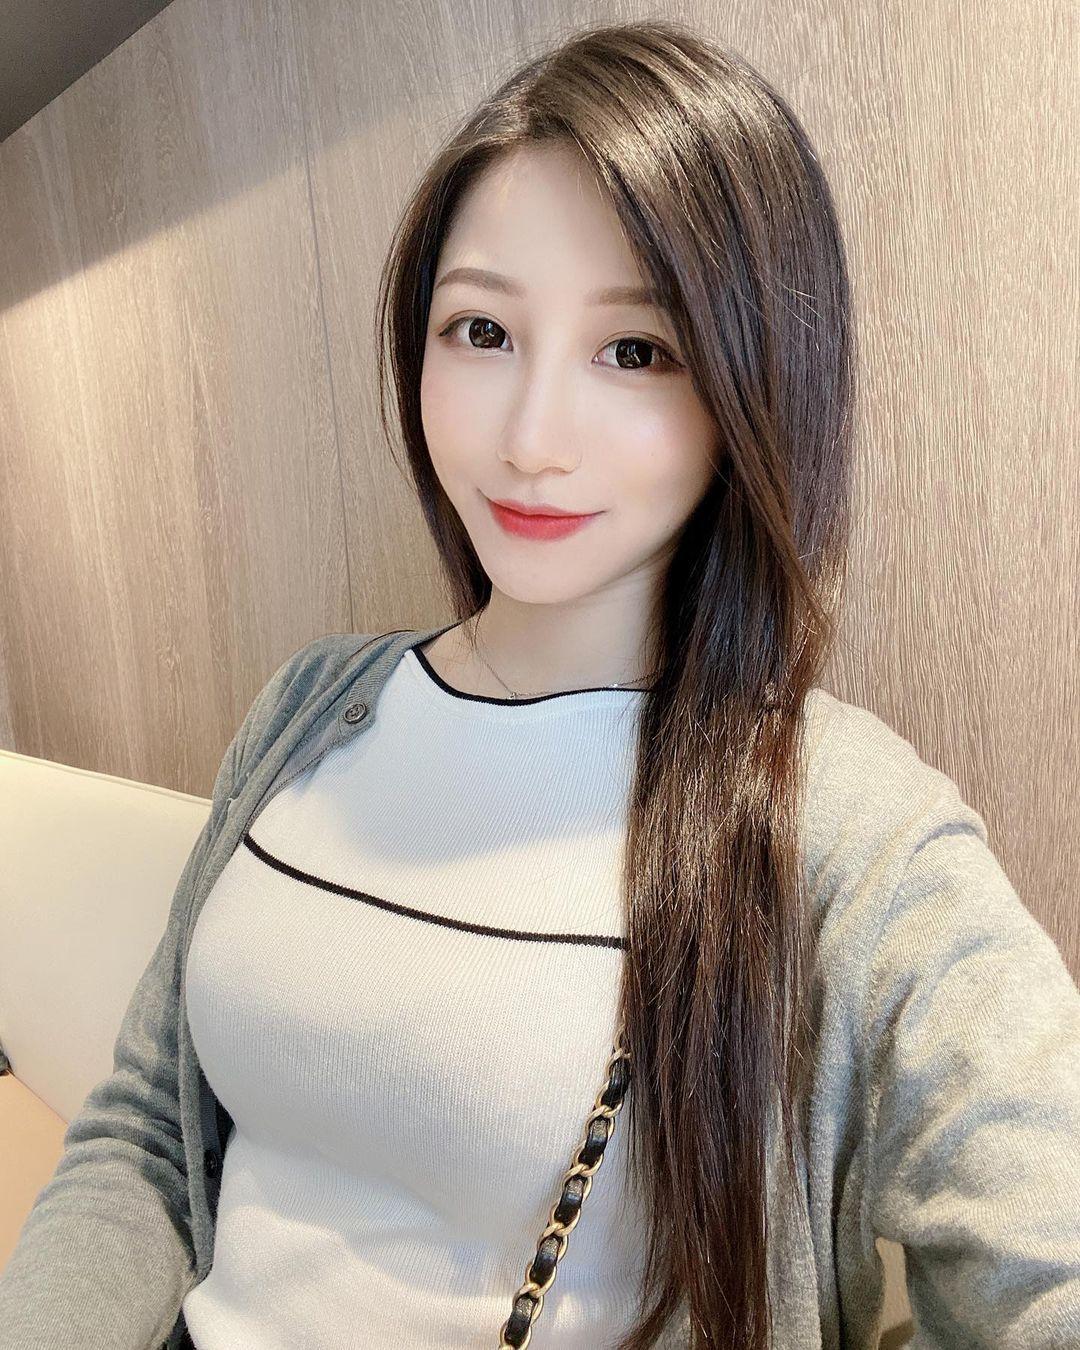 美女主播@Sunny亮亮性感黑色礼服波涛汹涌